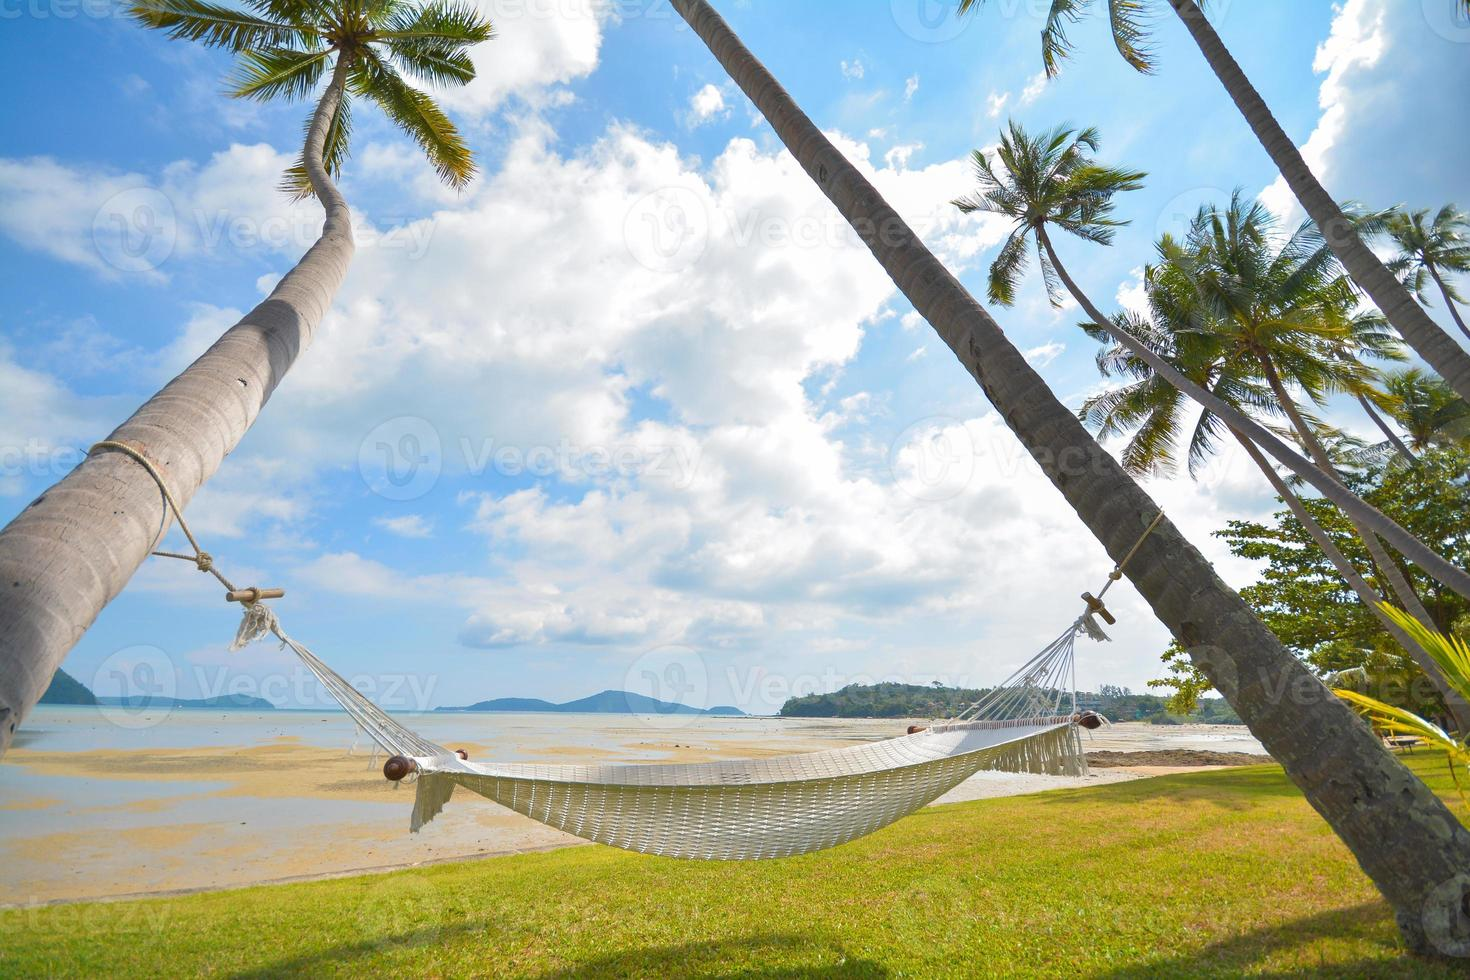 Kokosnussbaum unter blauem Himmel mit Hängematte foto